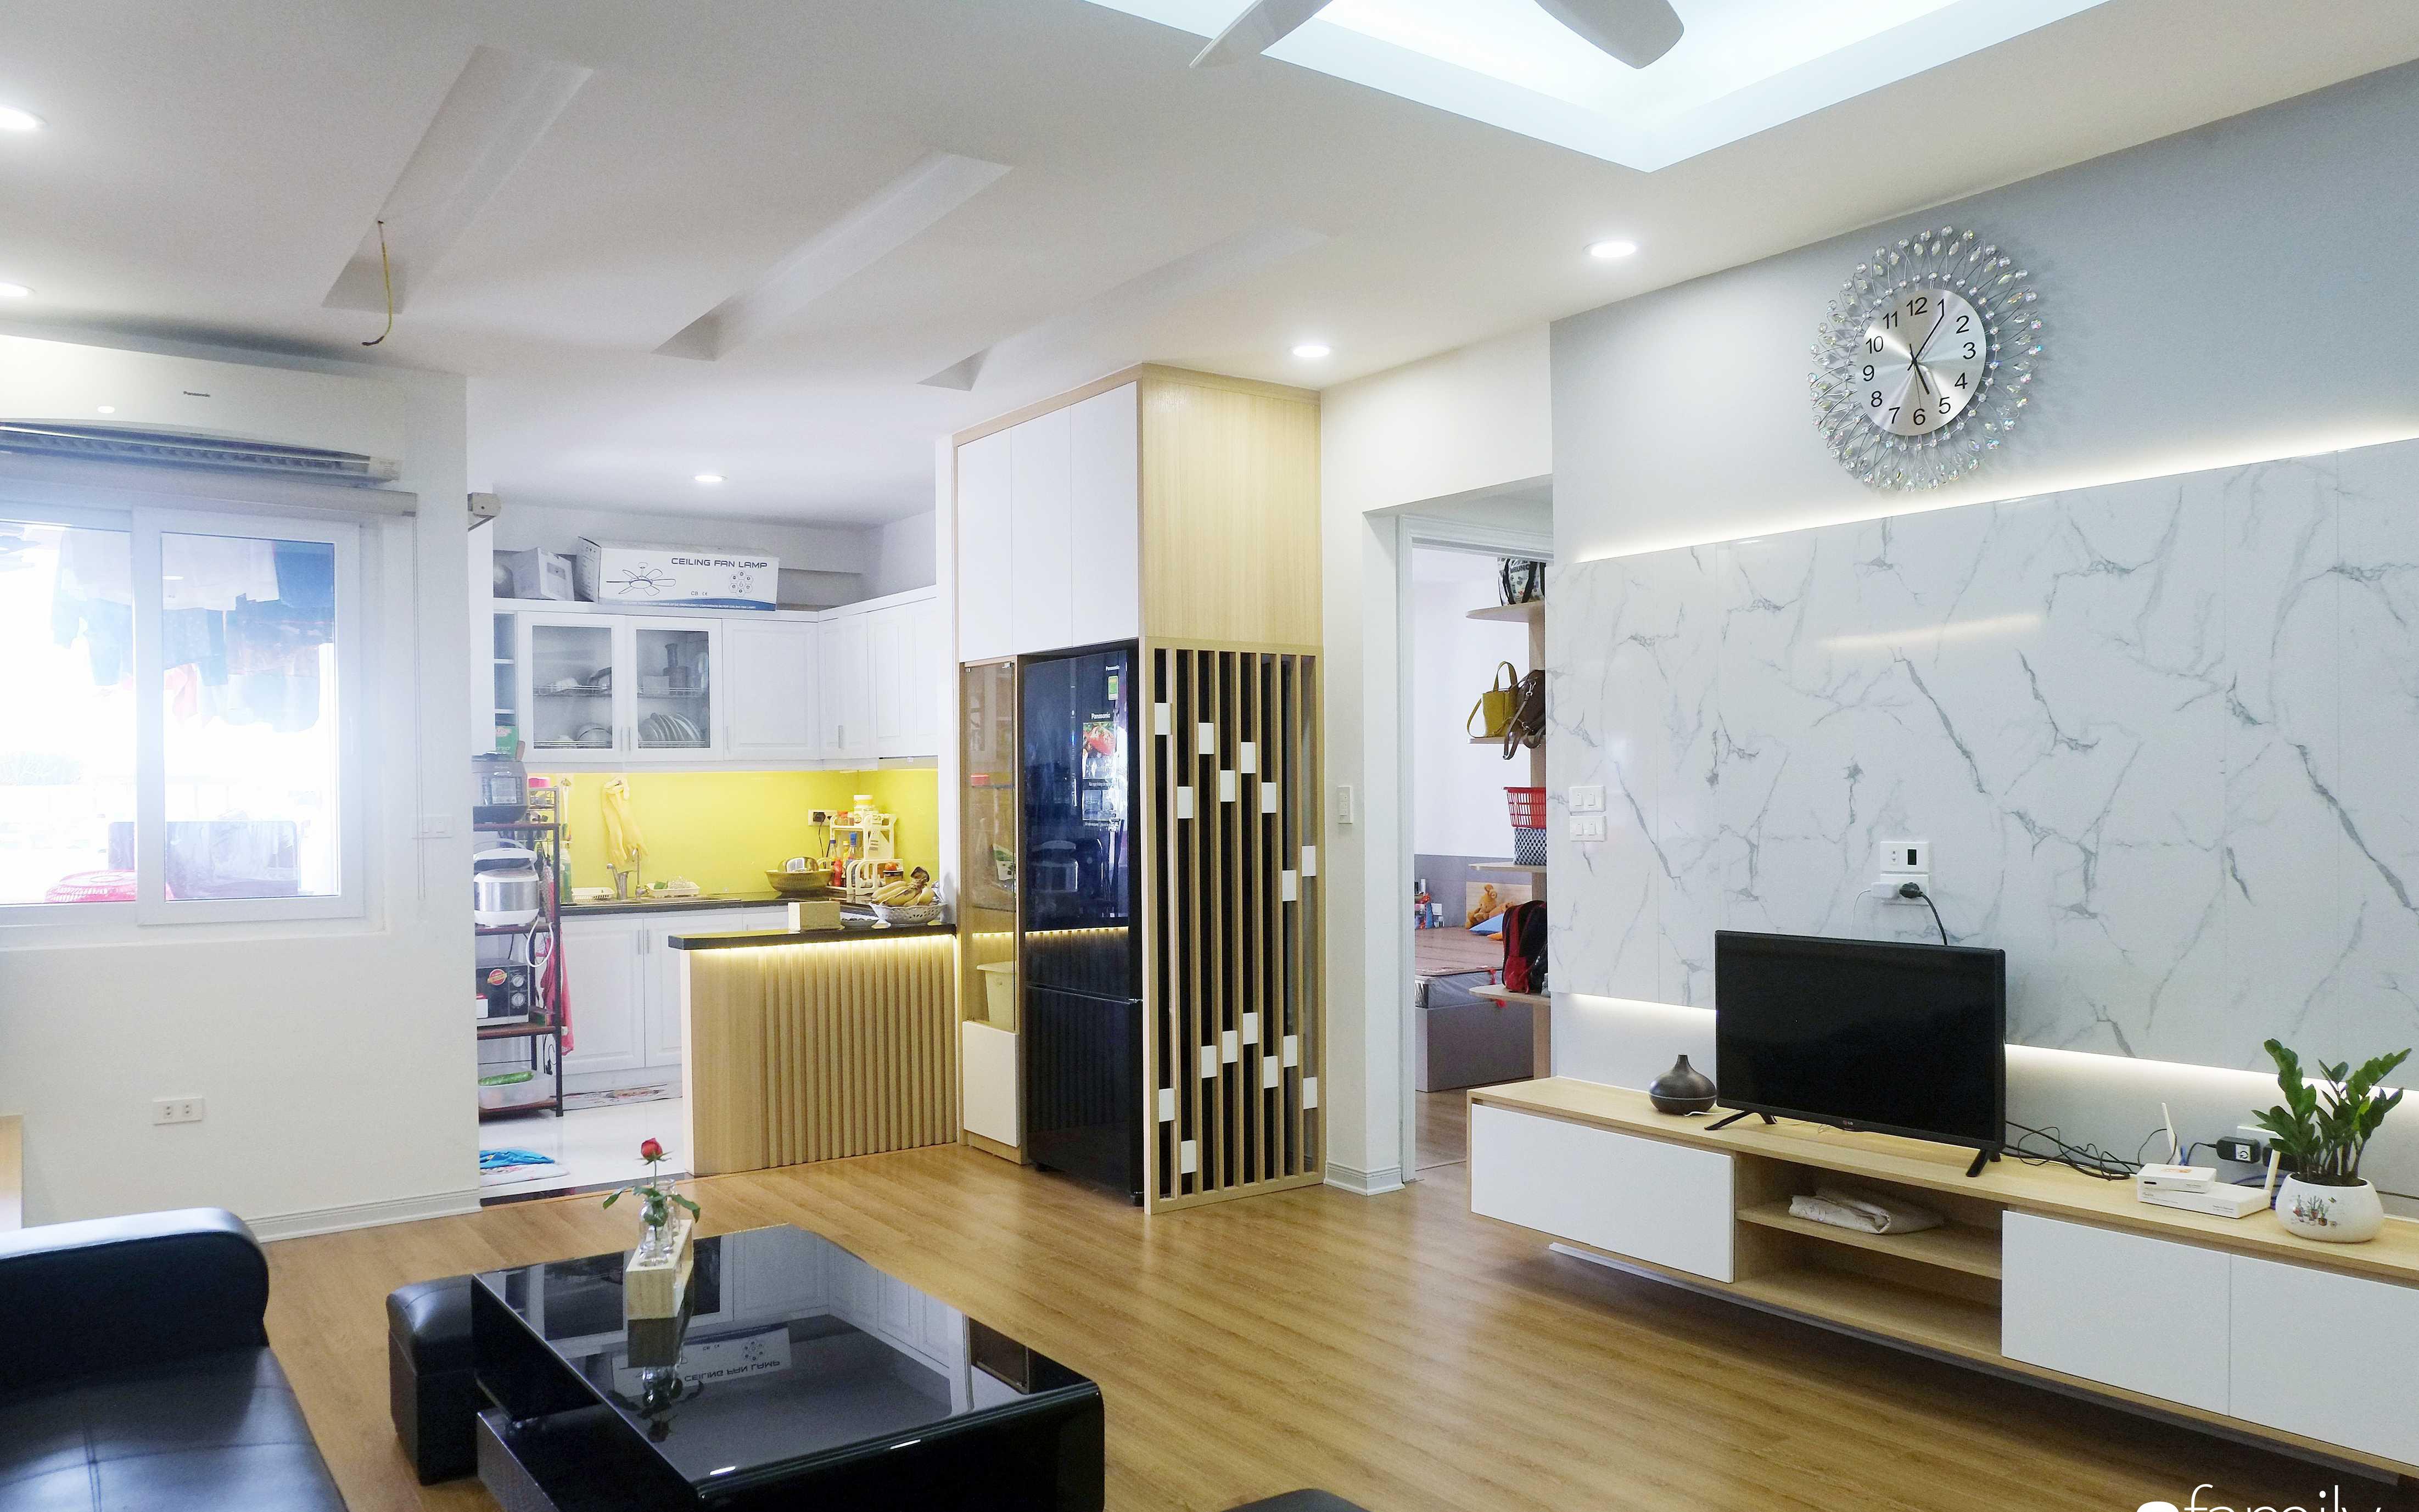 Chi 192 triệu đồng, căn hộ 75m² sập sệ, cũ nát để cải tạo thành không gian rộng rãi, tiện nghi